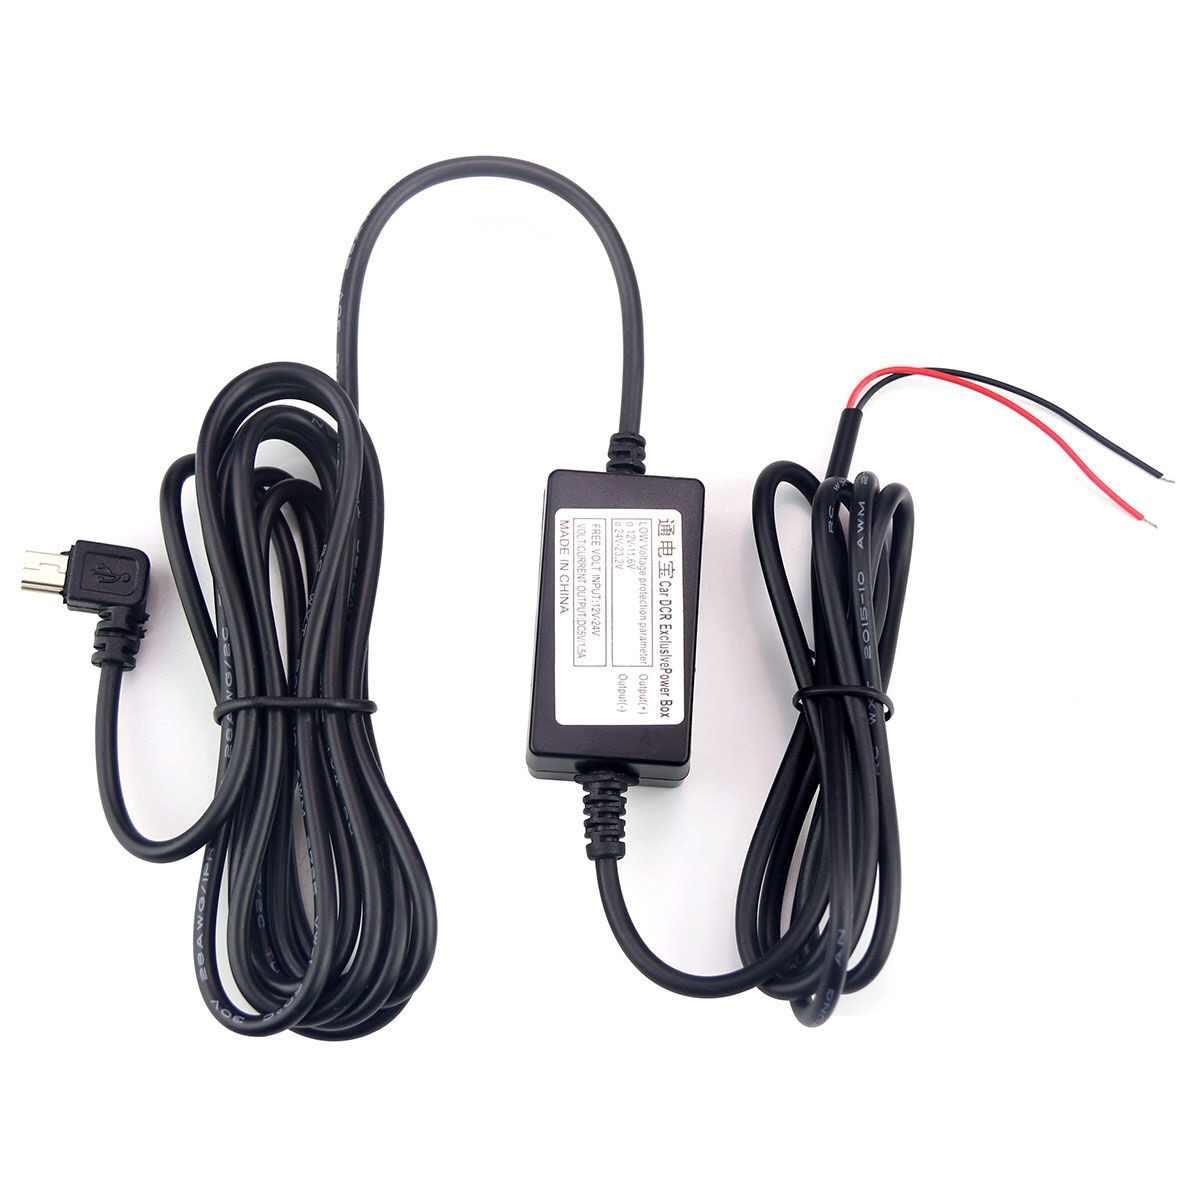 駆動レコーダー降圧ライン電源 12 V 5 V 2.5A ミニ Usb カメラレコーダー DVR 専用電源供給ボックス 24 時間駐車監視